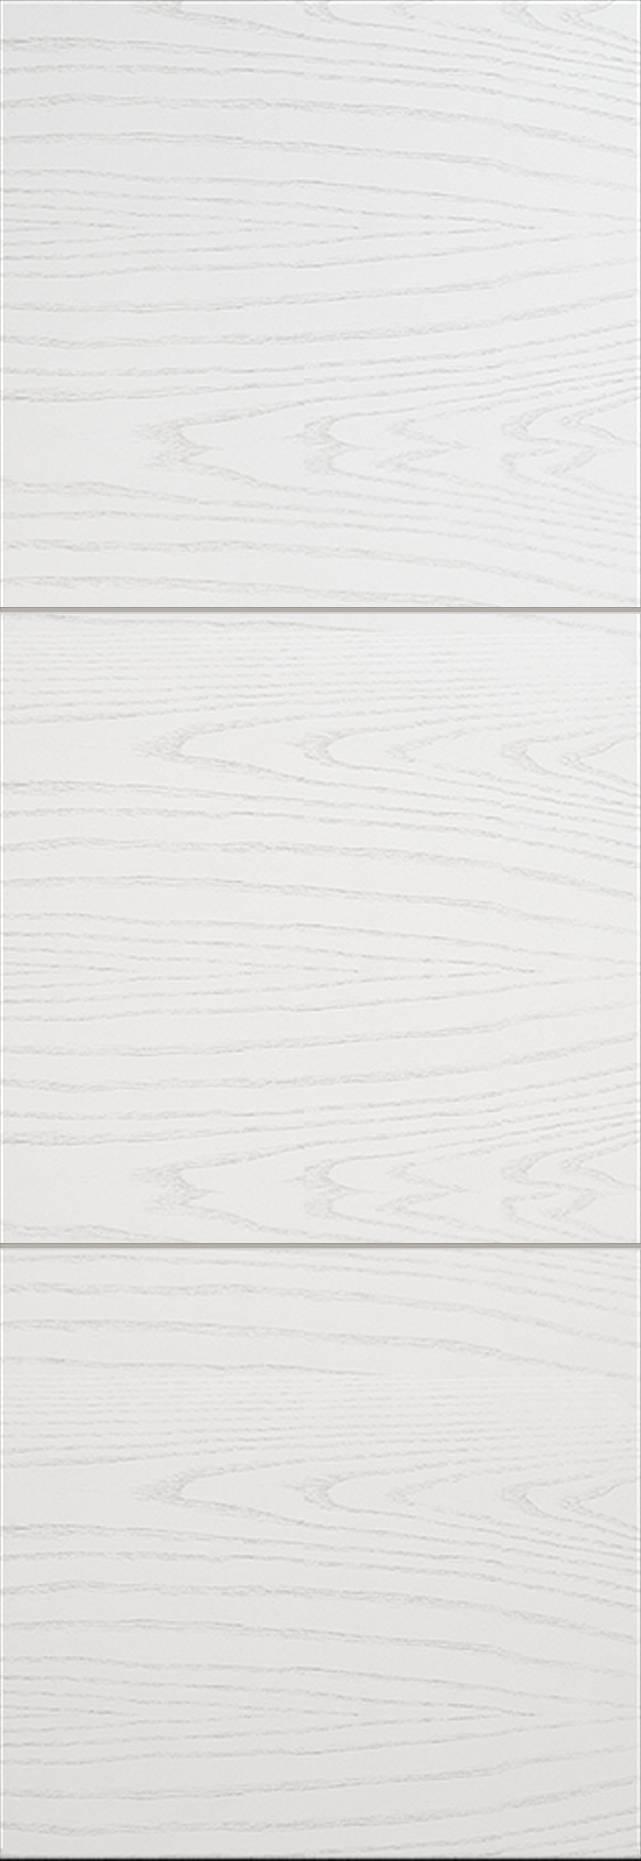 Tivoli В-2 Invisible цвет - Ясень белая эмаль Без стекла (ДГ)